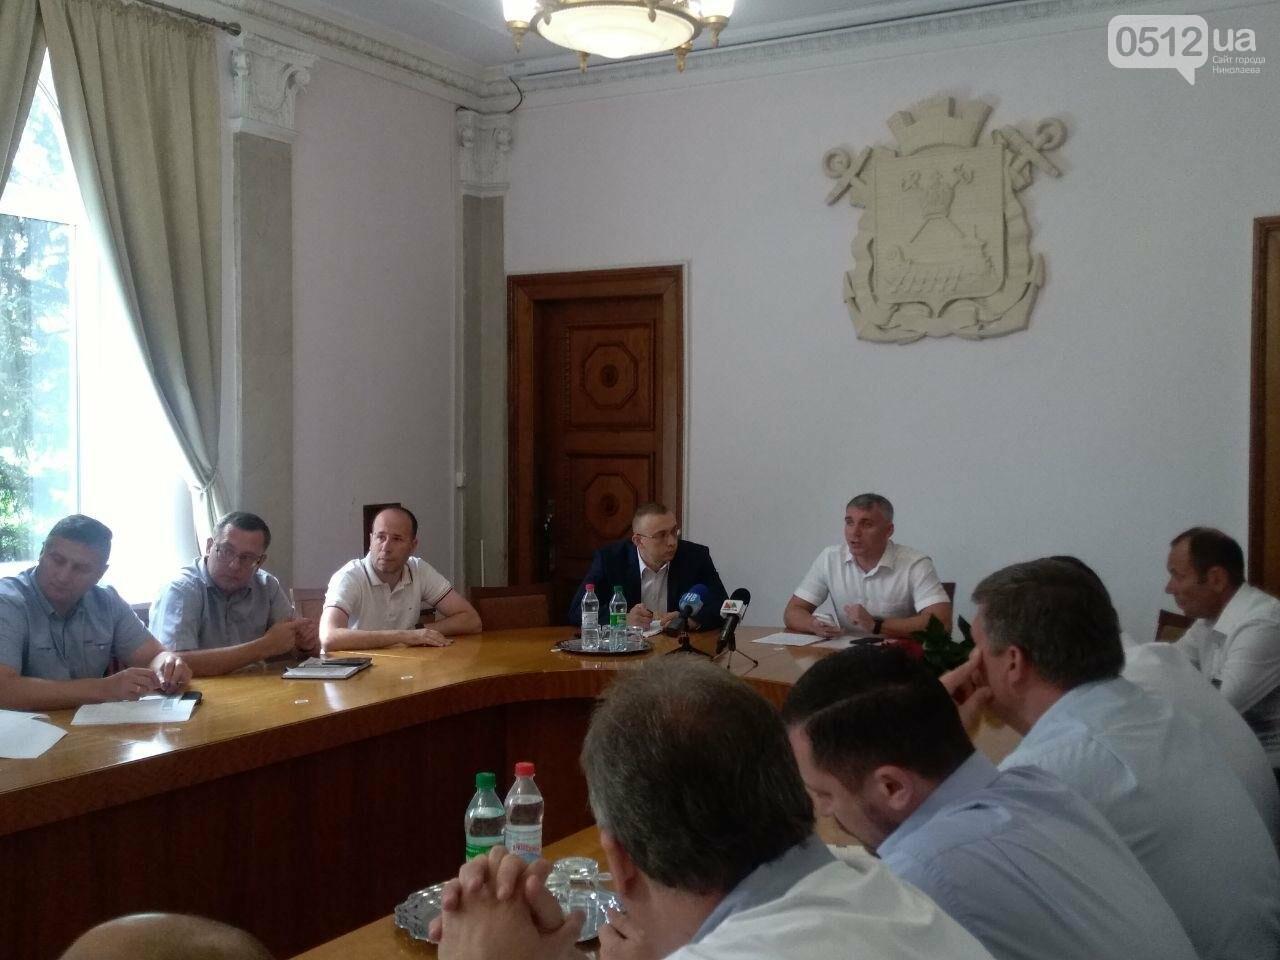 В Николаеве депутаты намерены проверить законность стройки в мкр. Леваневский, фото-1